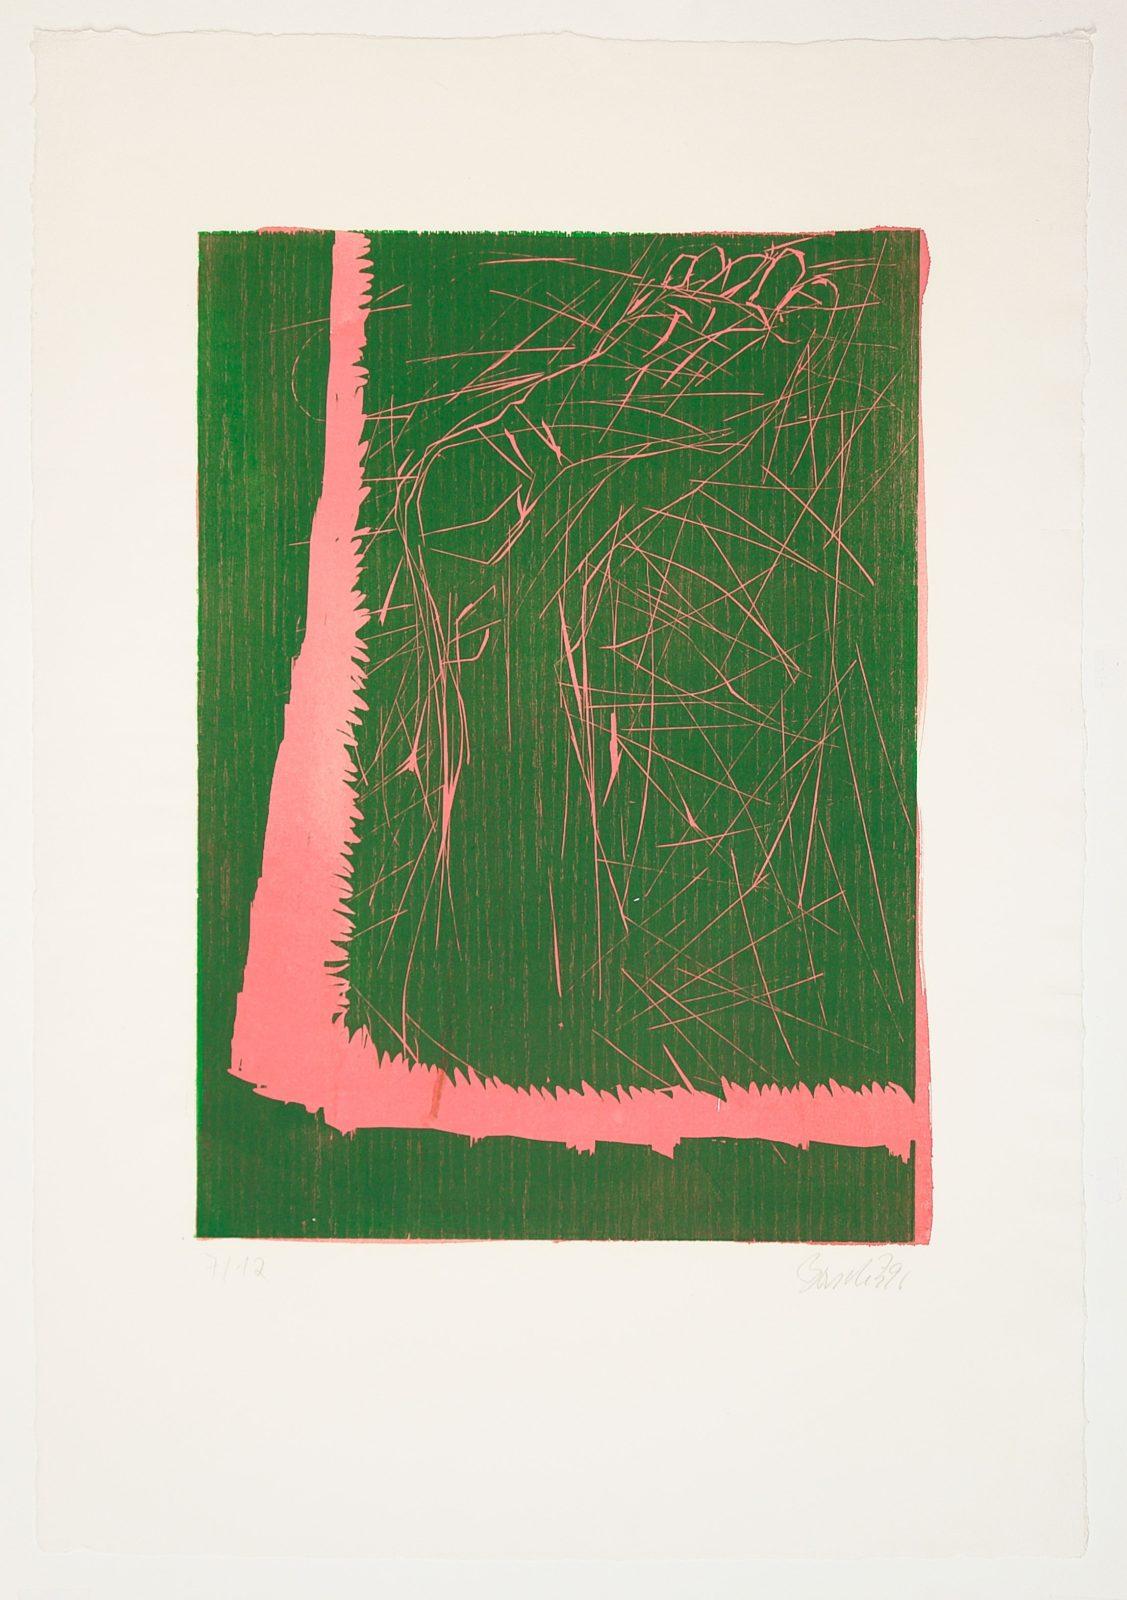 Georg Baselitz | Absprung.